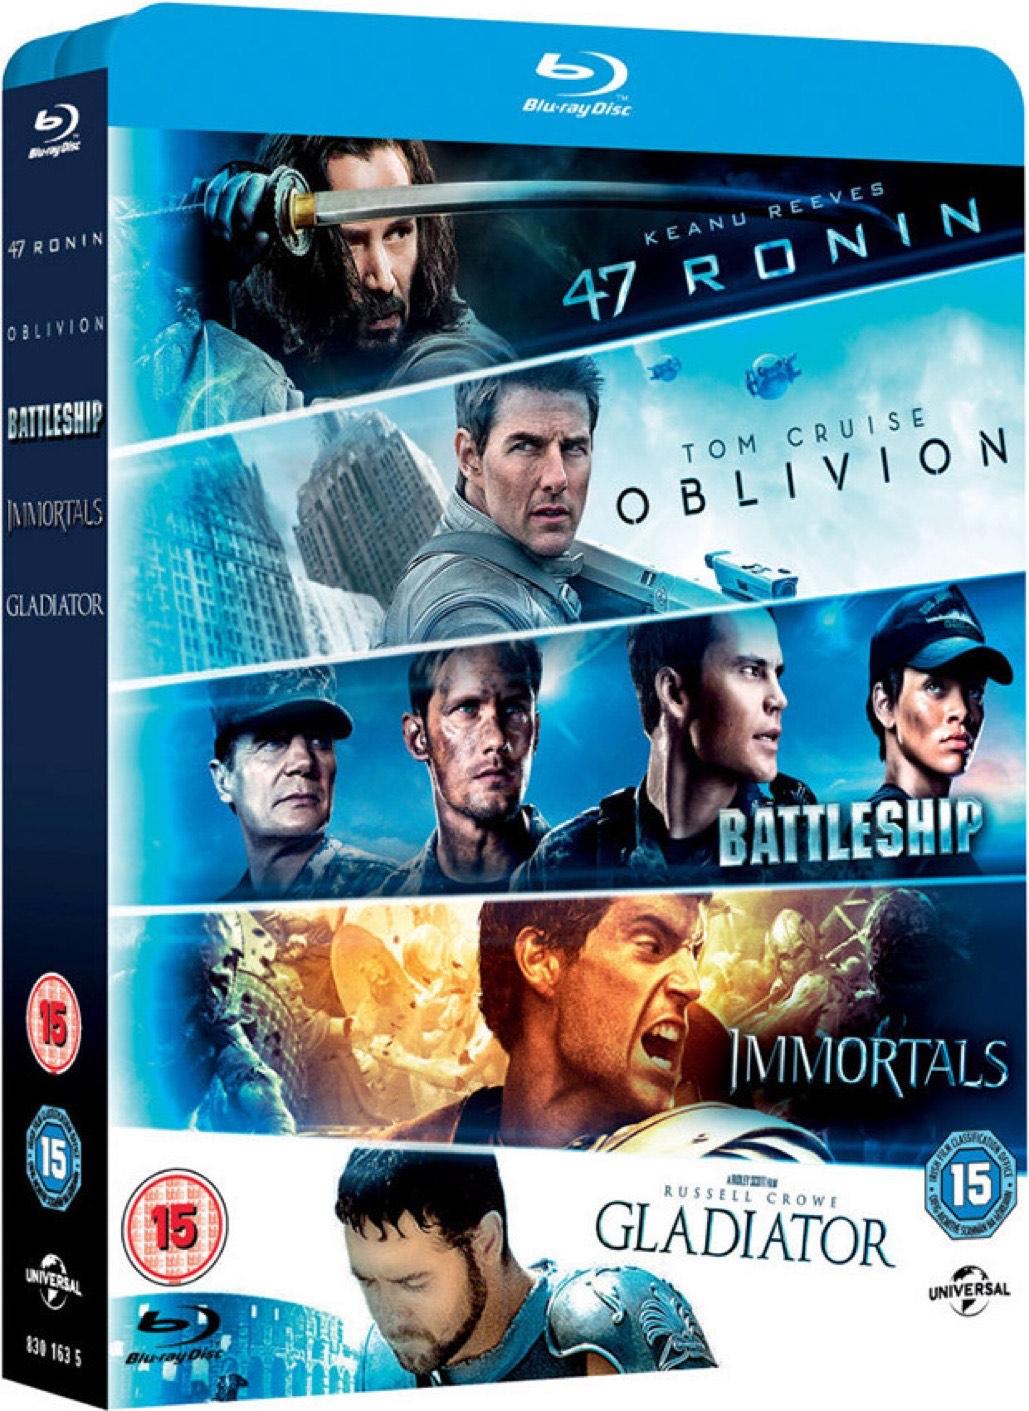 Ronin/Oblivion/Battleship/Immortals/Gladiator